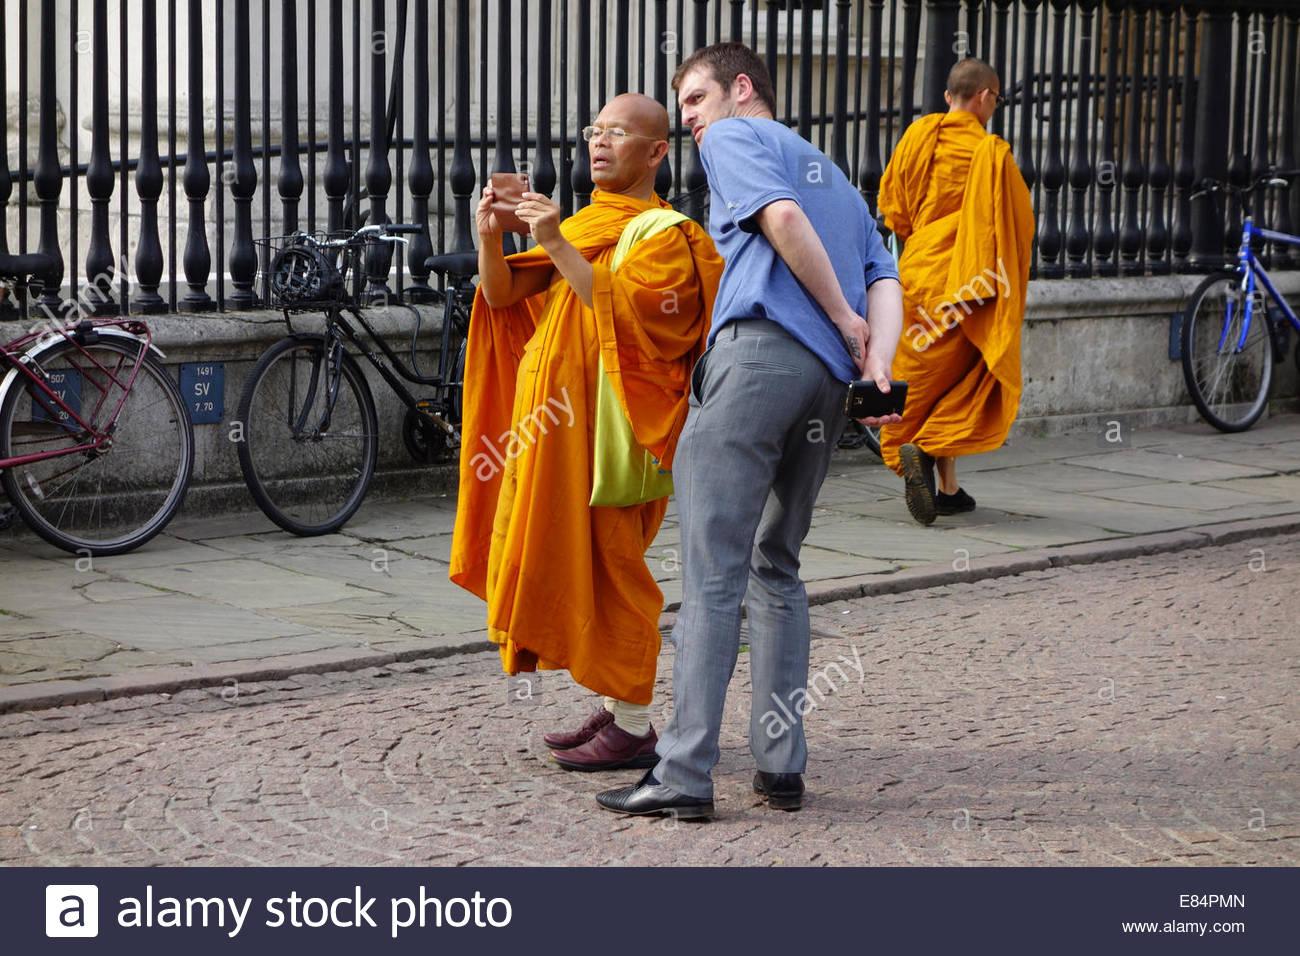 Un bouddhiste demande des conseils sur l'utilisation de son appareil photo à partir d'un autre tourisme Photo Stock